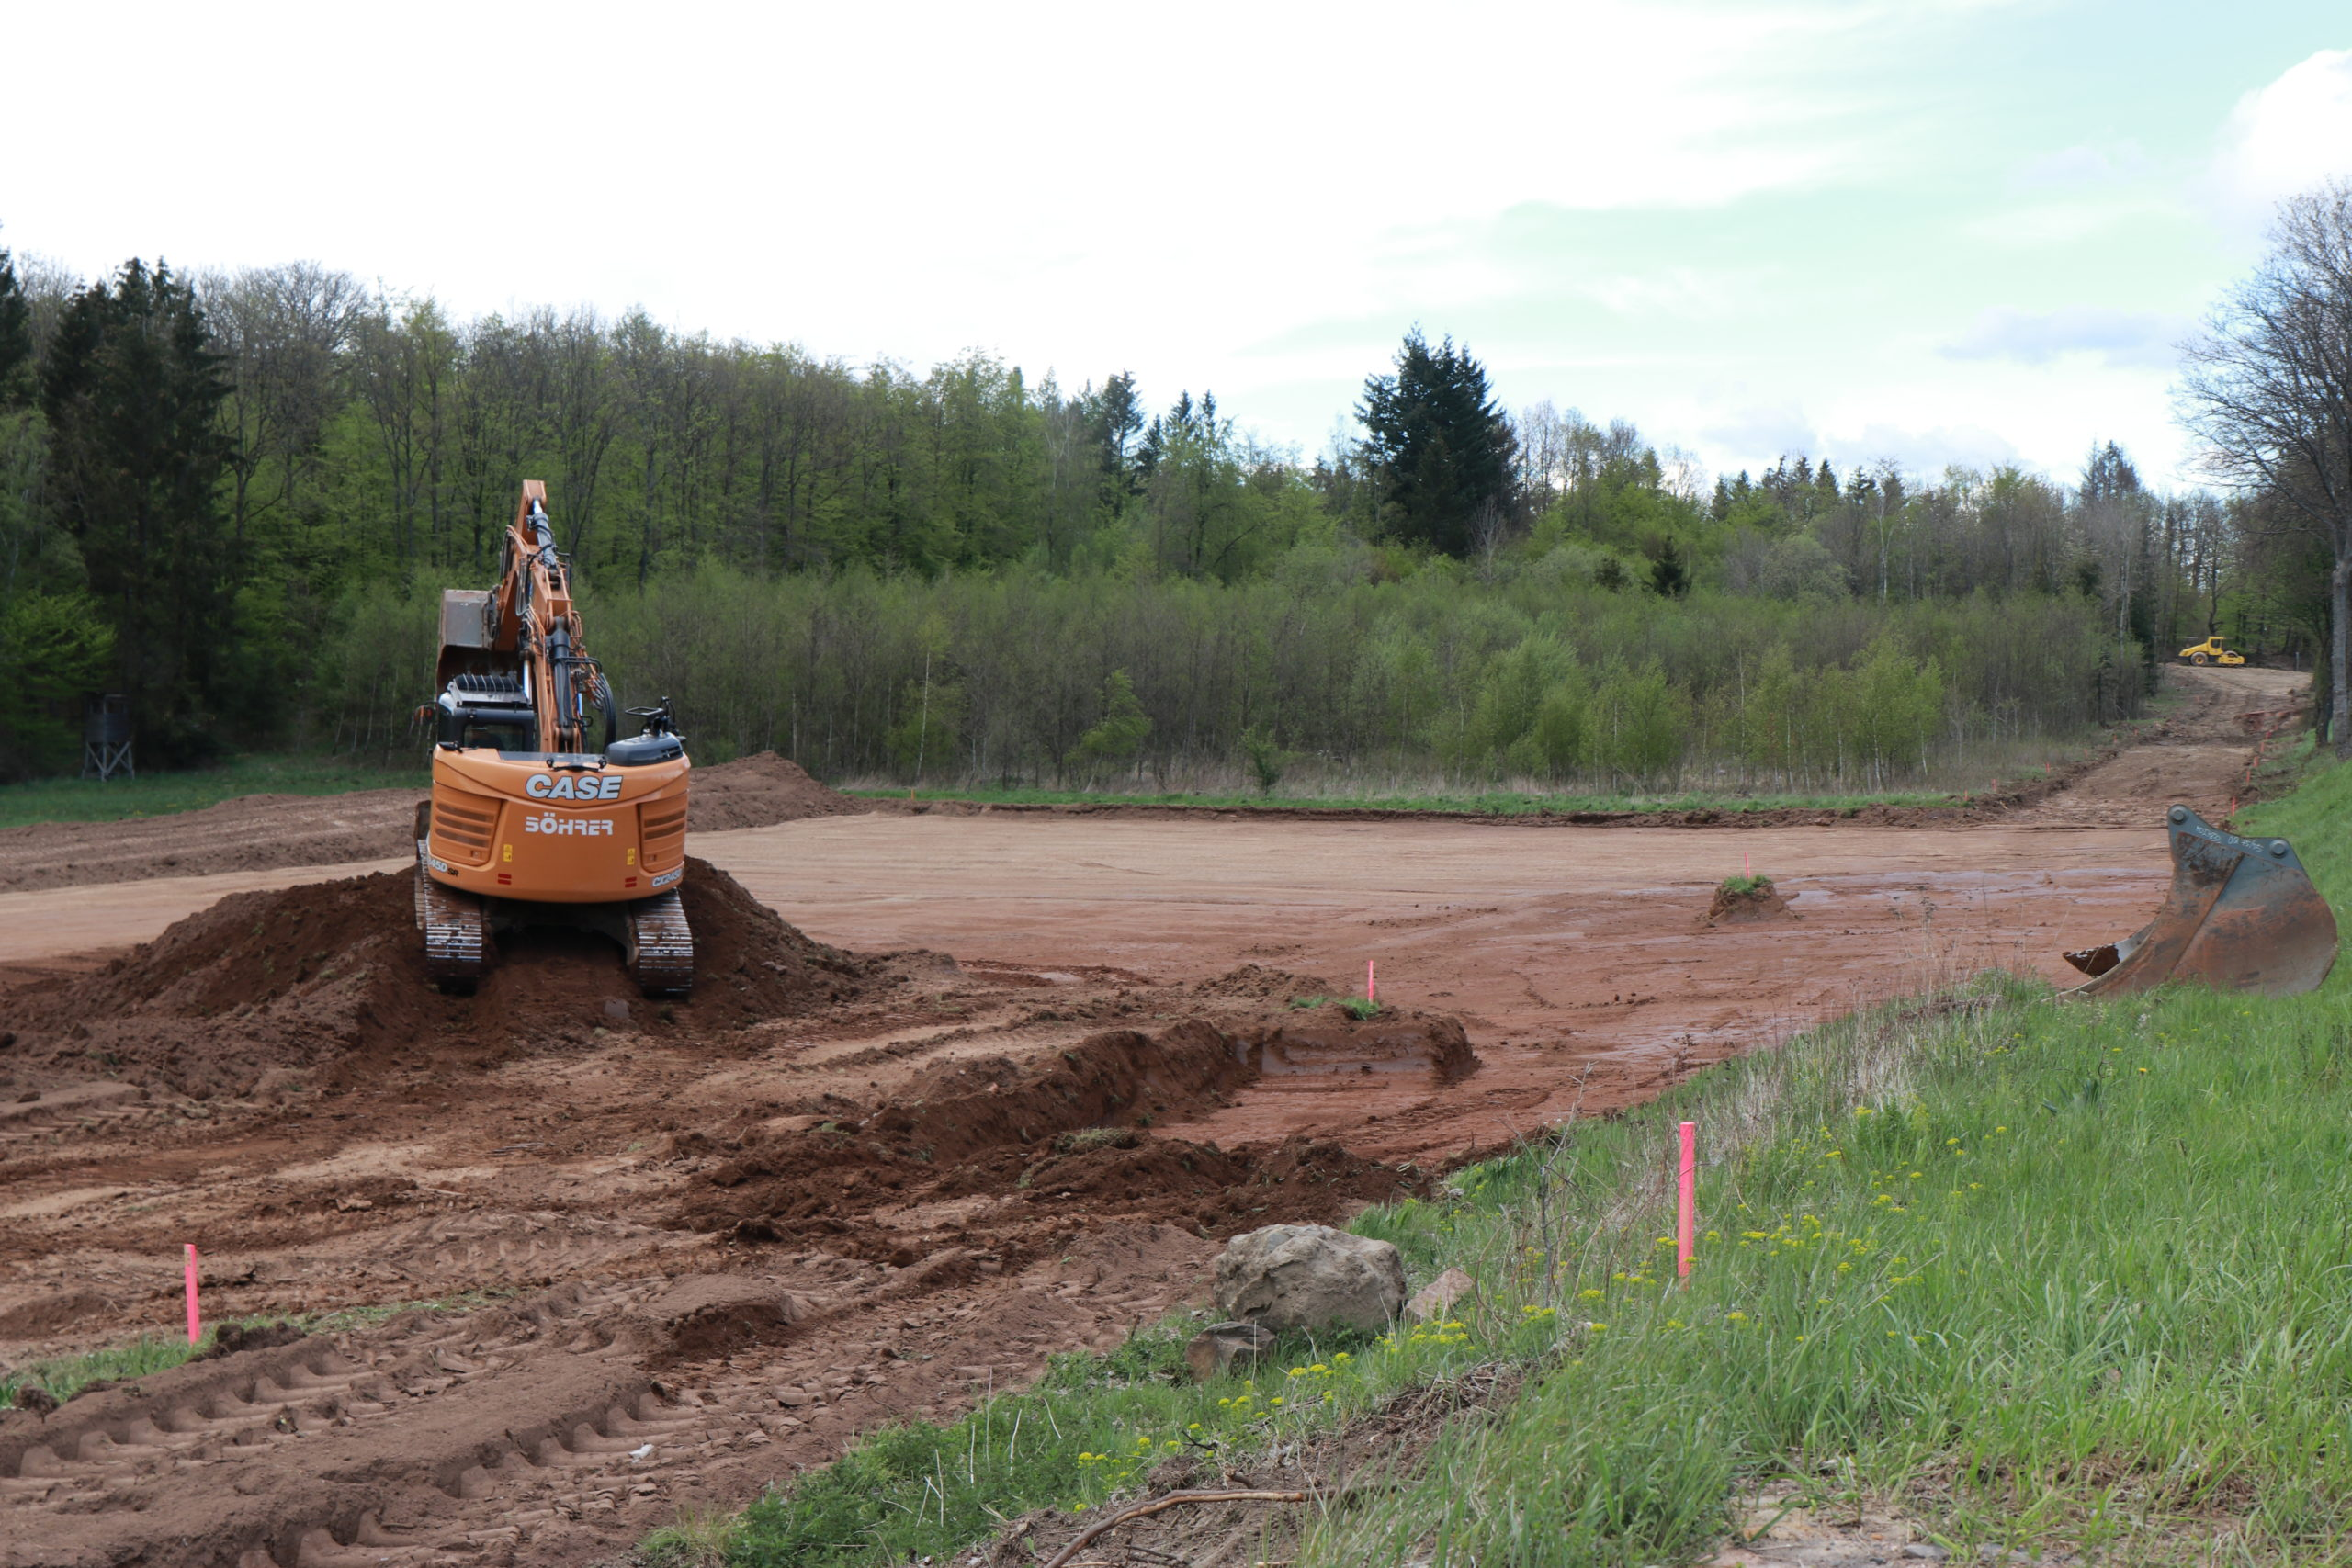 B41-Ausbau: Ein Bagger steht auf einem aufgeschütteten Haufen Erde in der Nähe der B41.